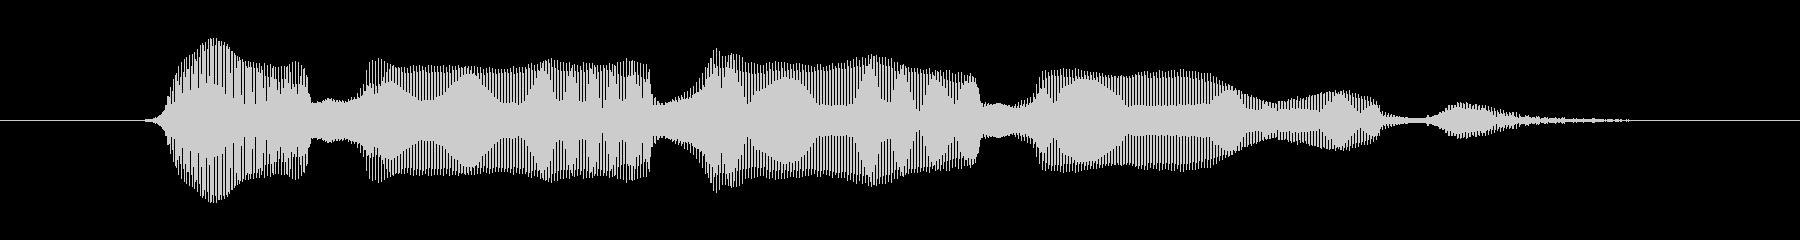 オロオロオロ・・・の未再生の波形